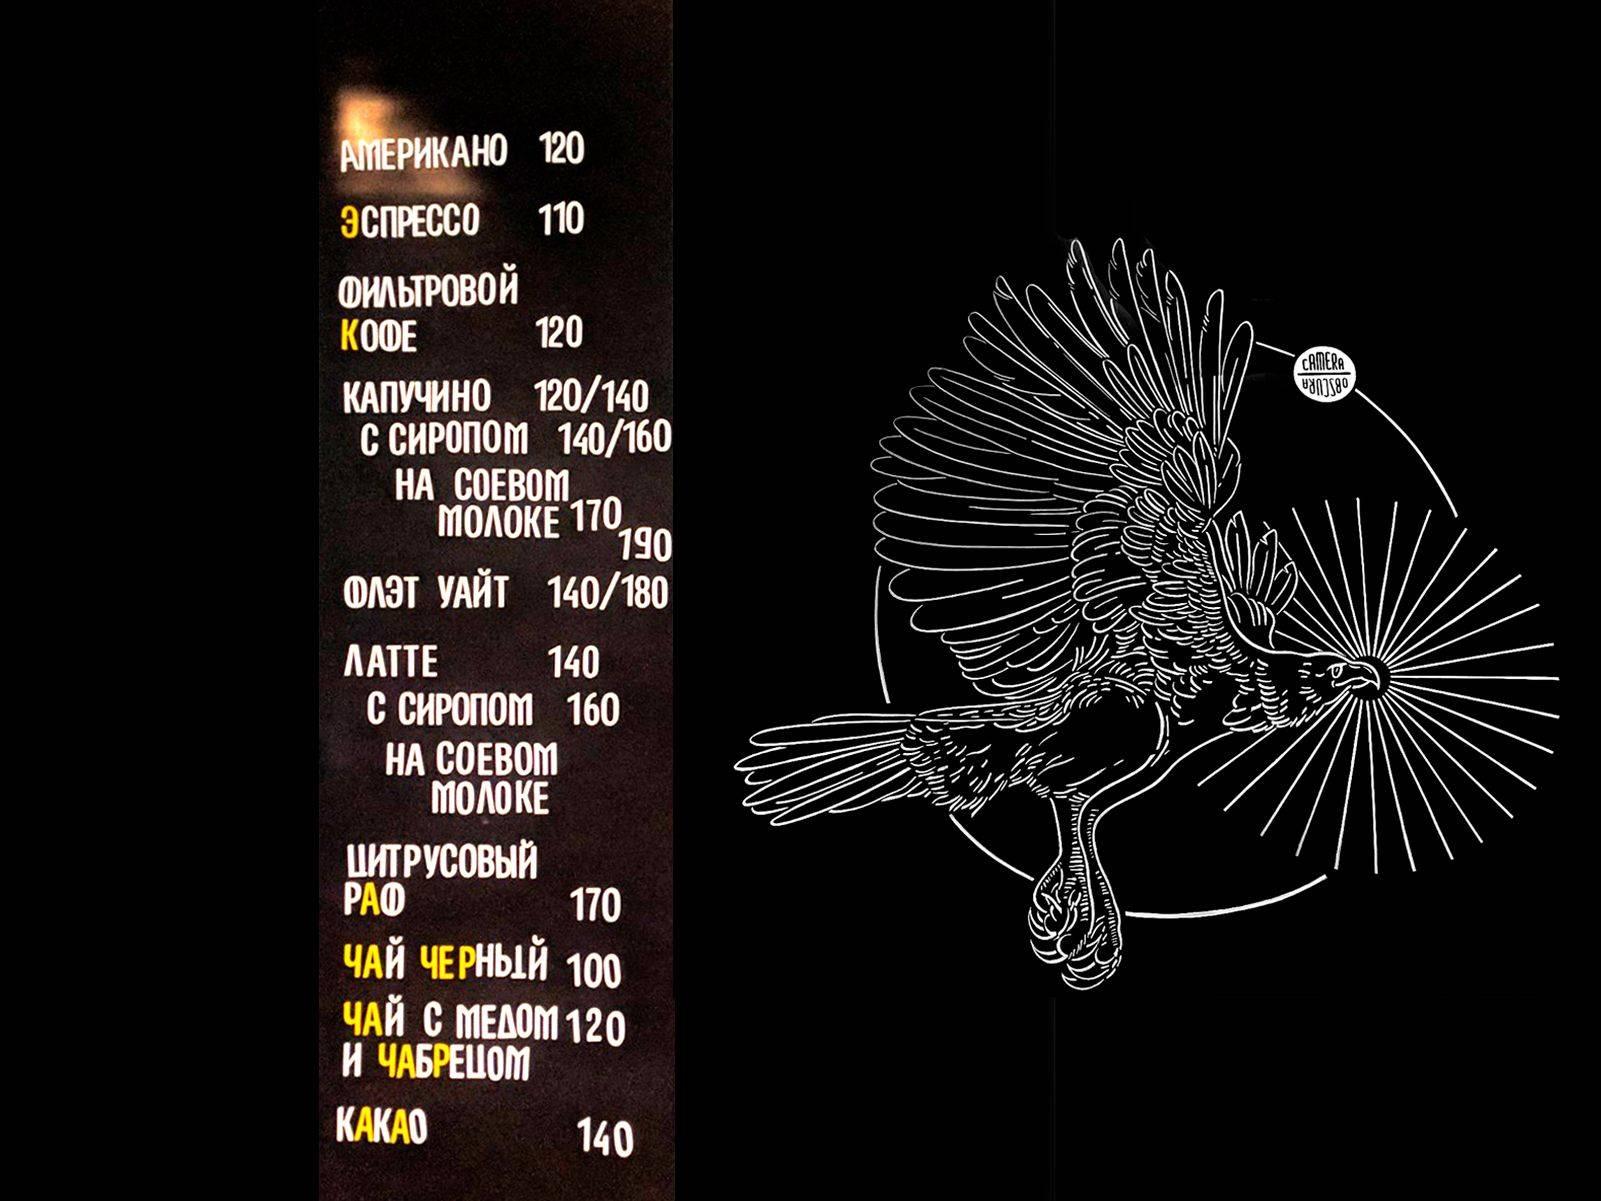 меню кофейни Camera Obscura, цены на кофе